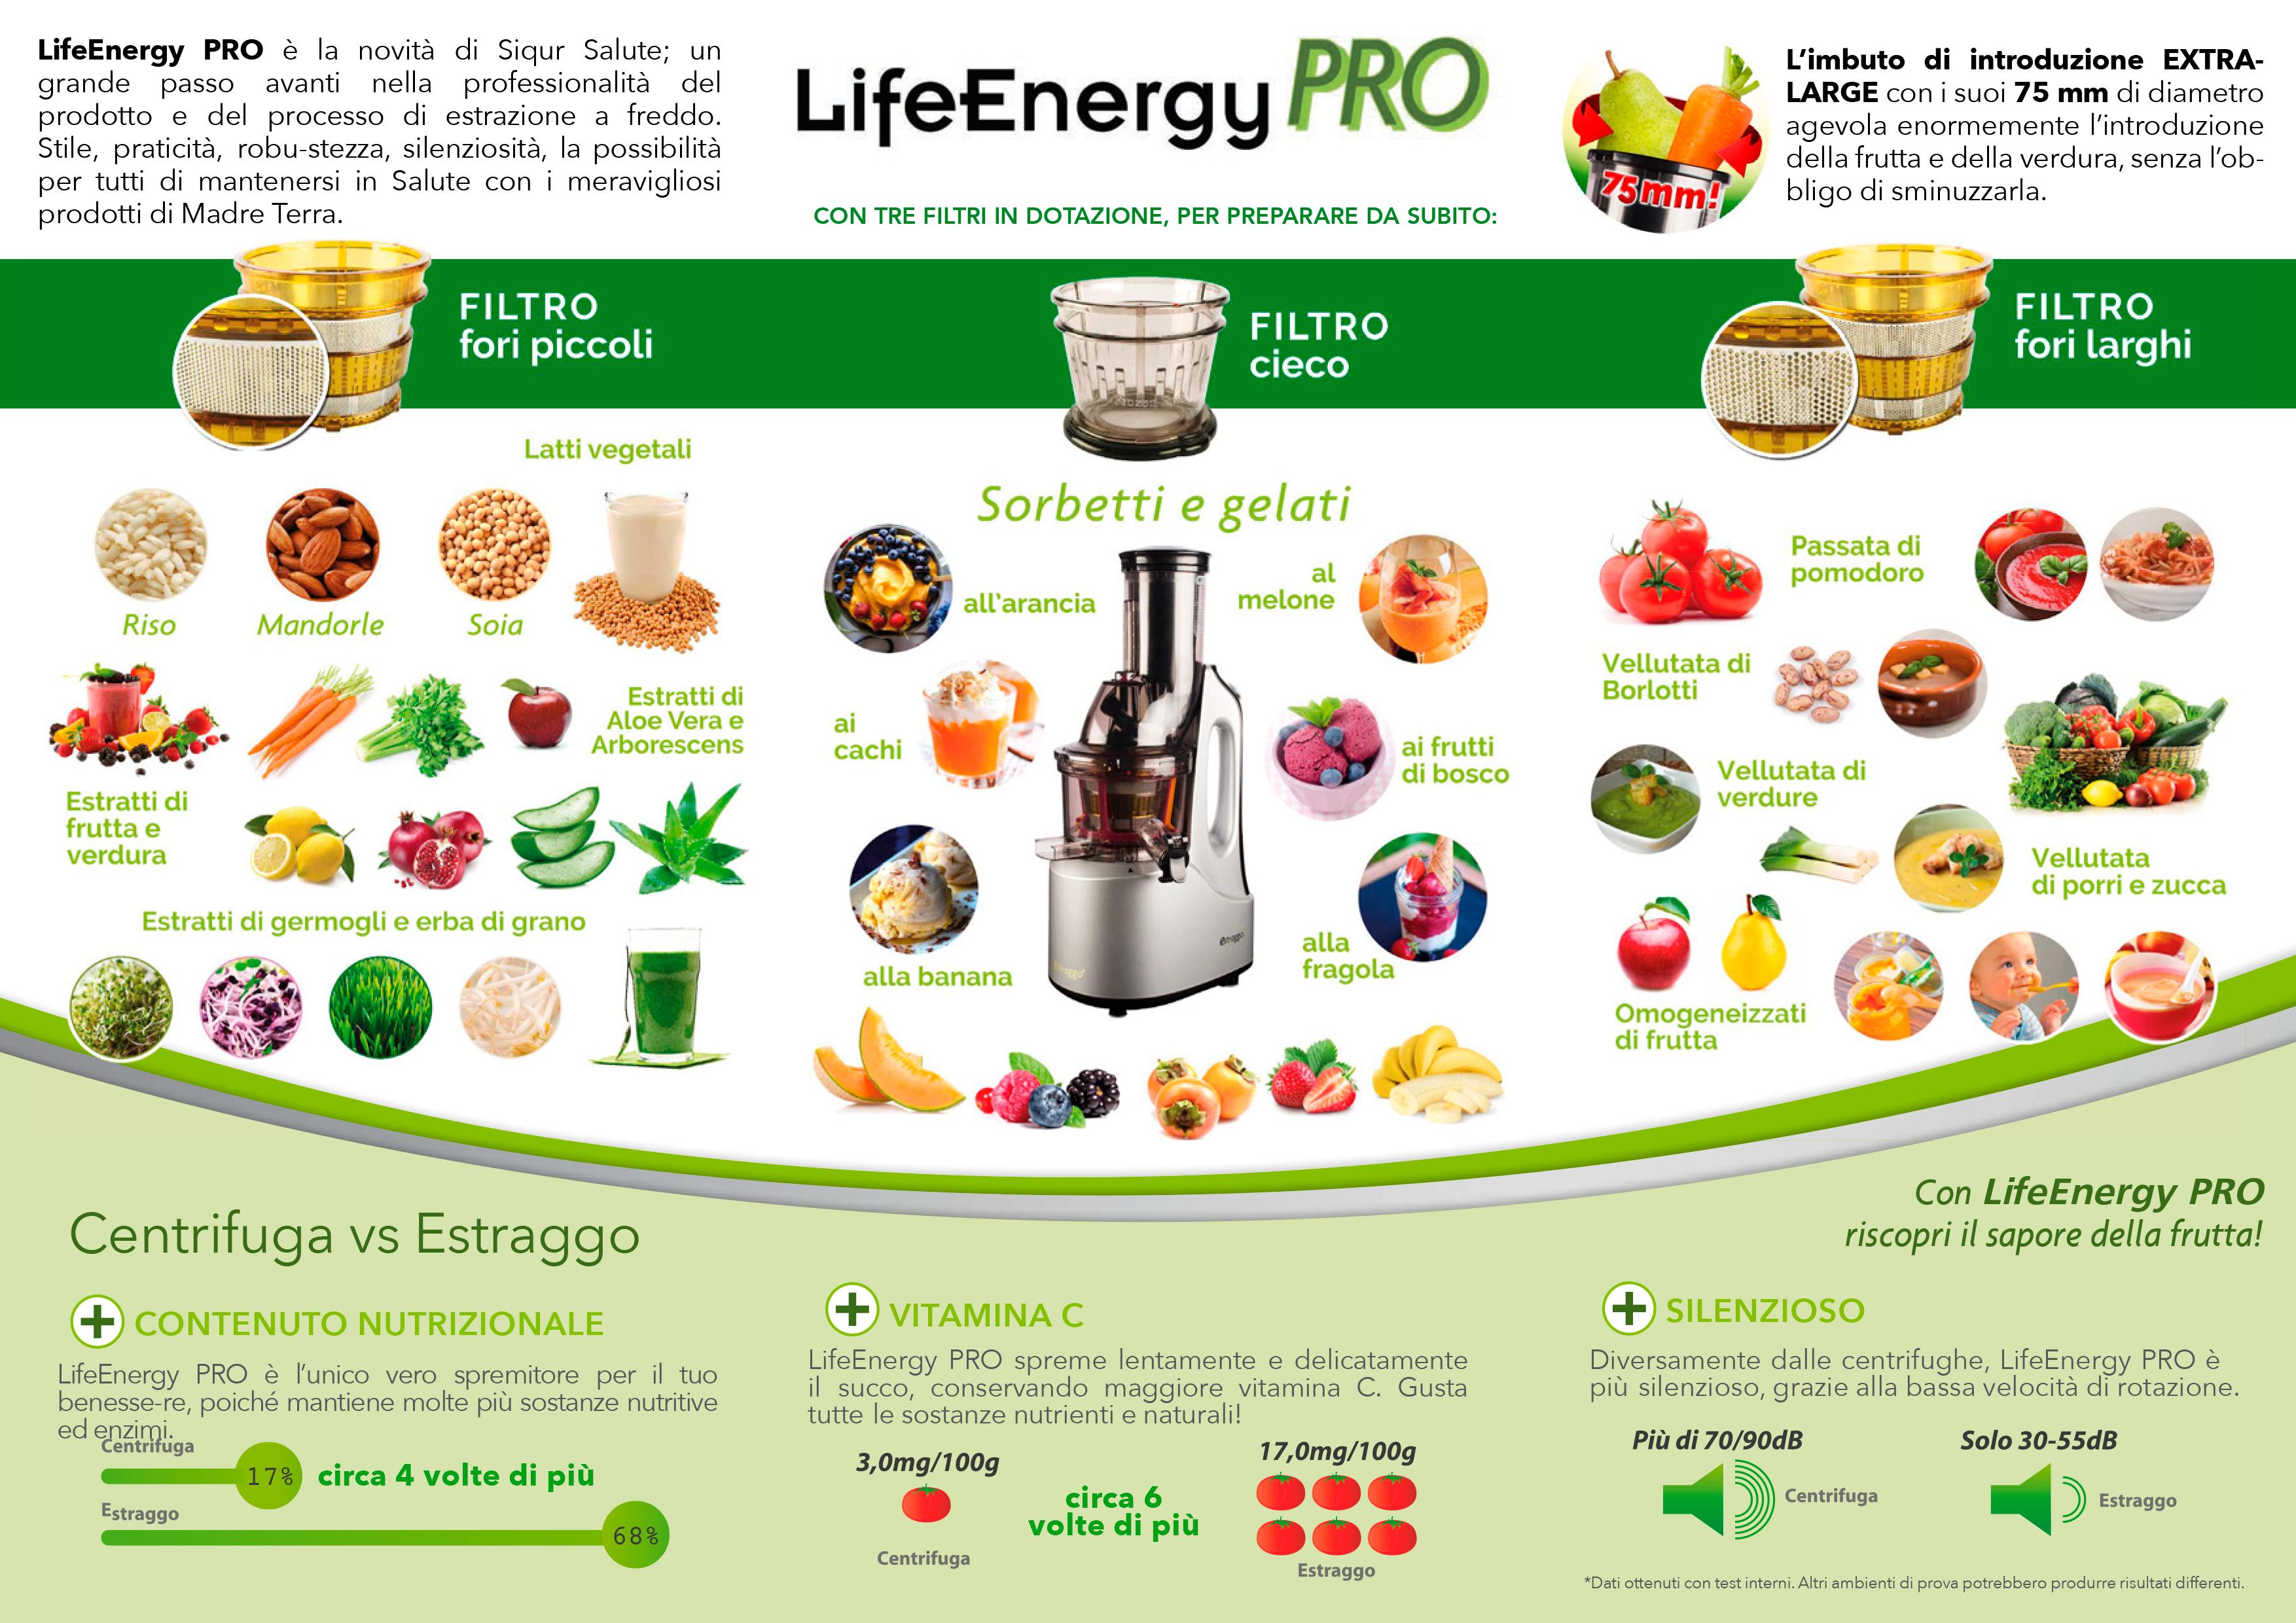 Che cosa puoi preparare con LifeEnergy PRO